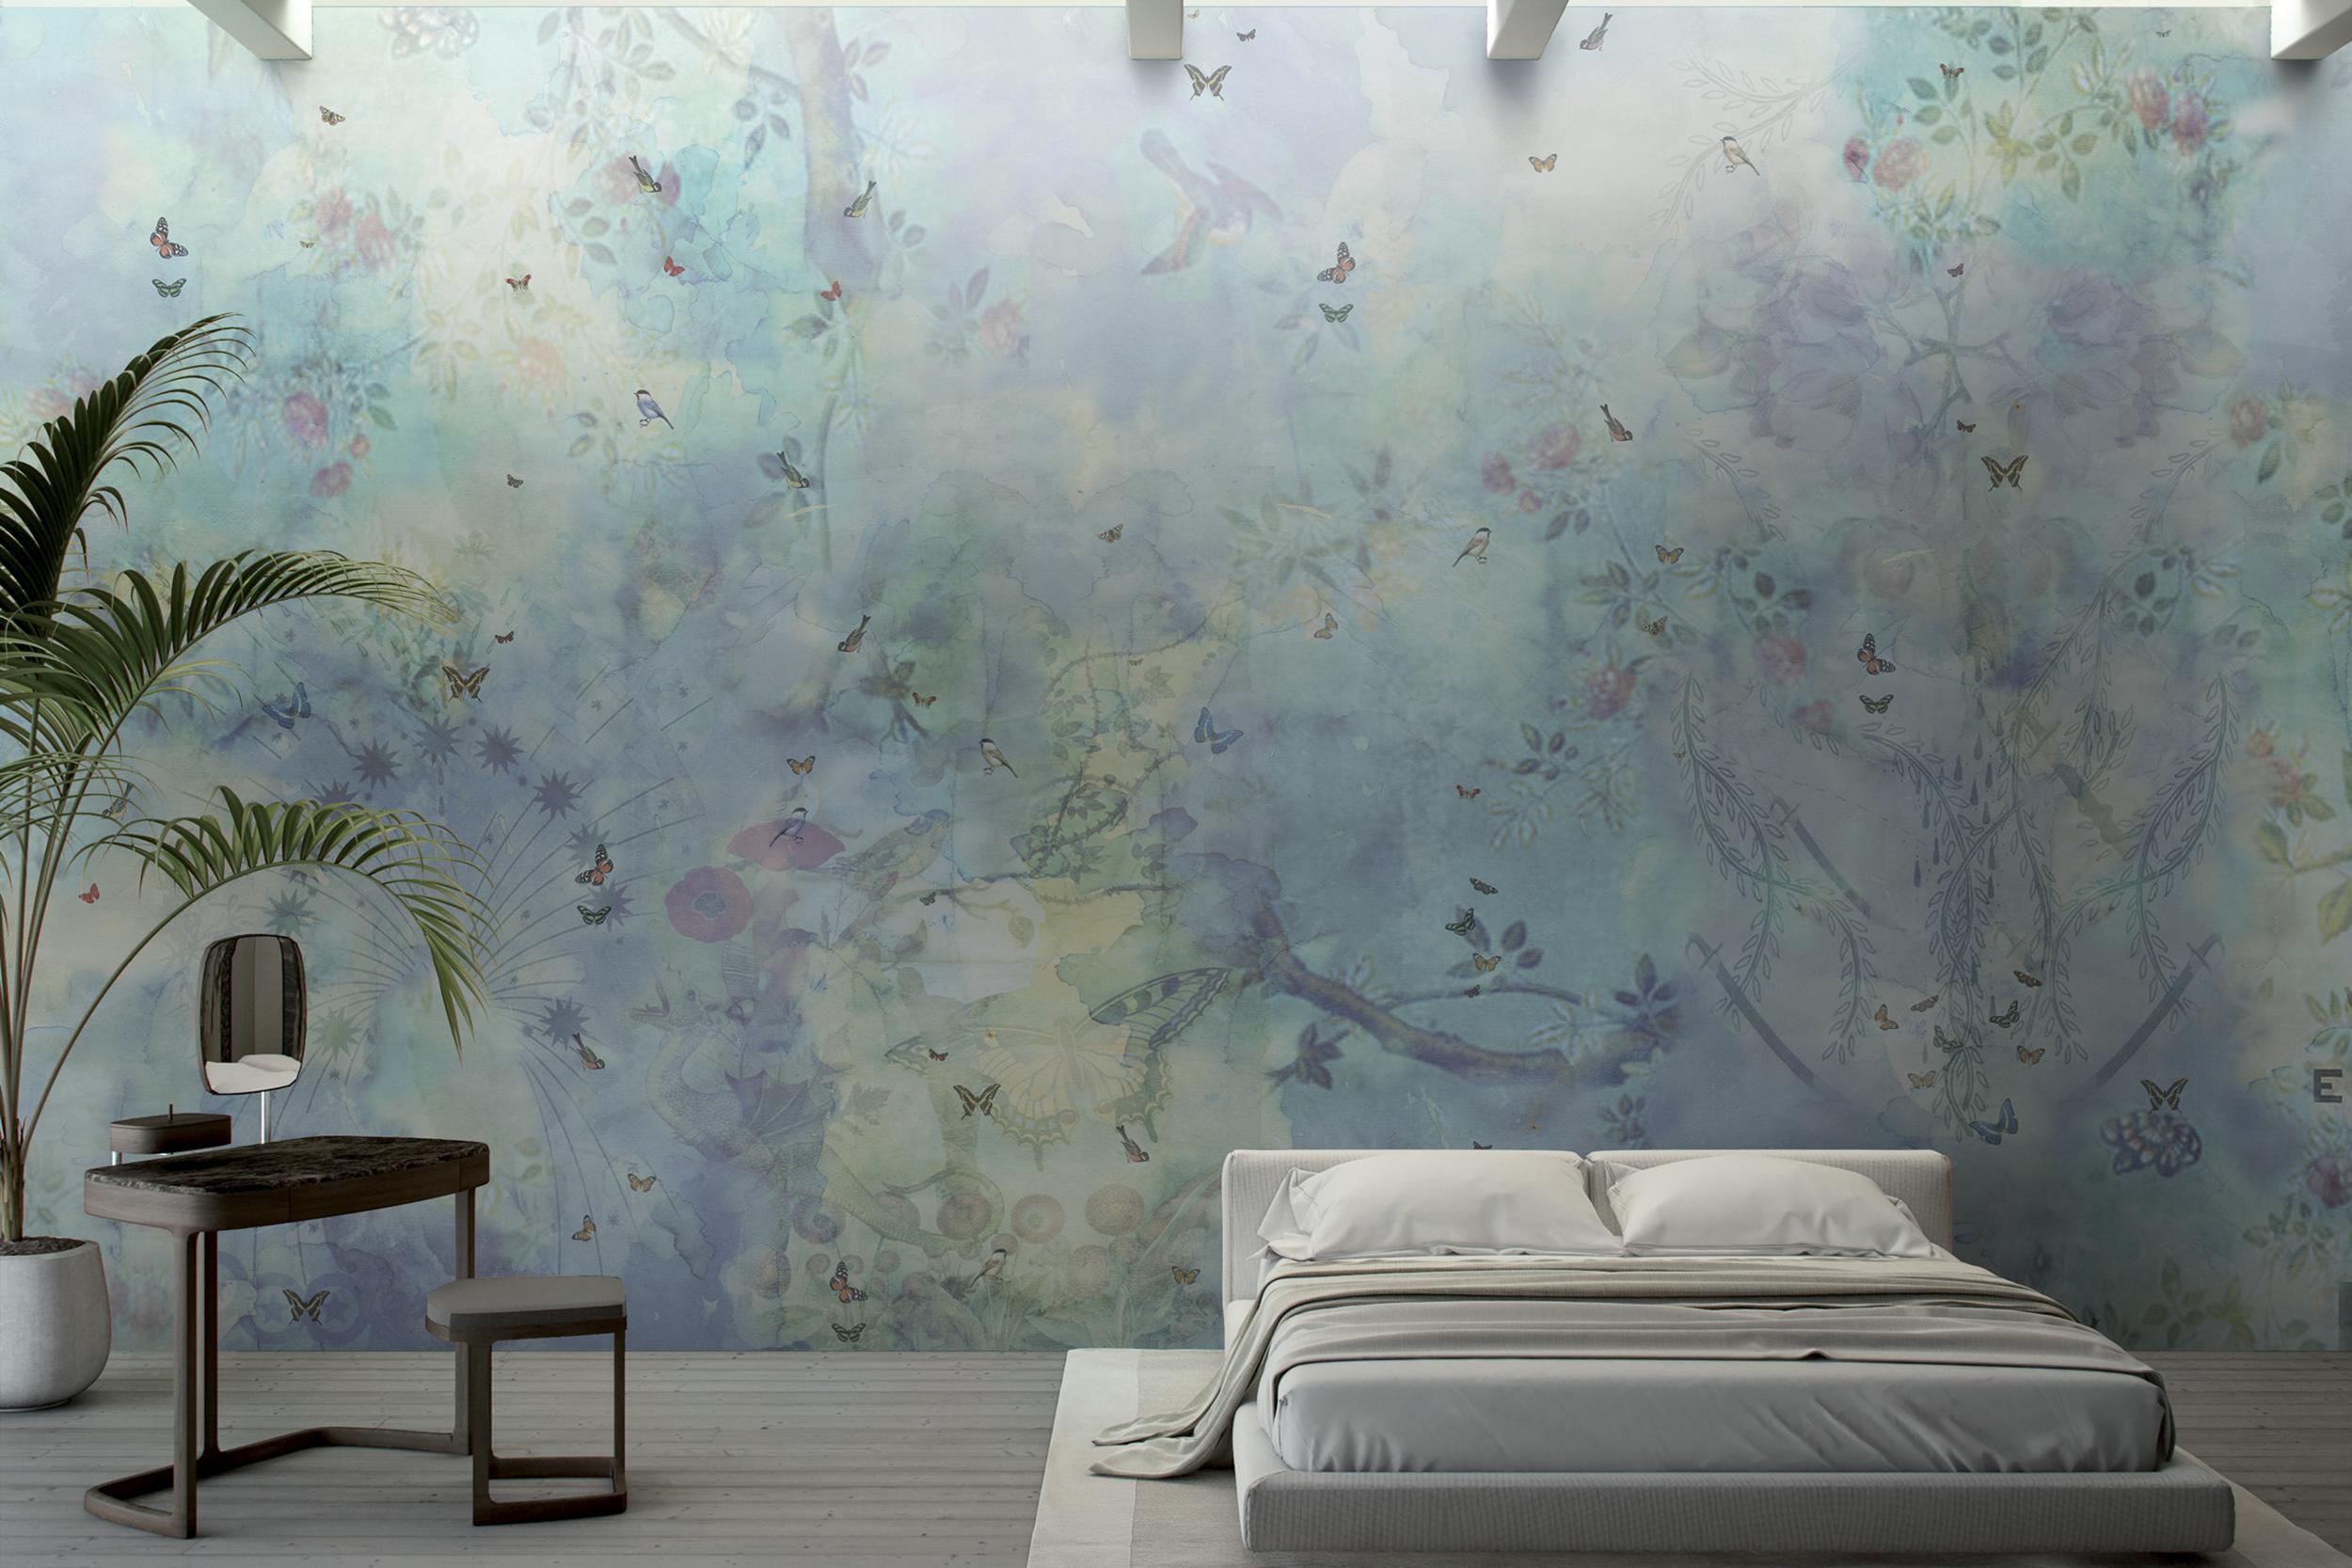 carta-da-parati-artistica-e-disegni-murali-perugia